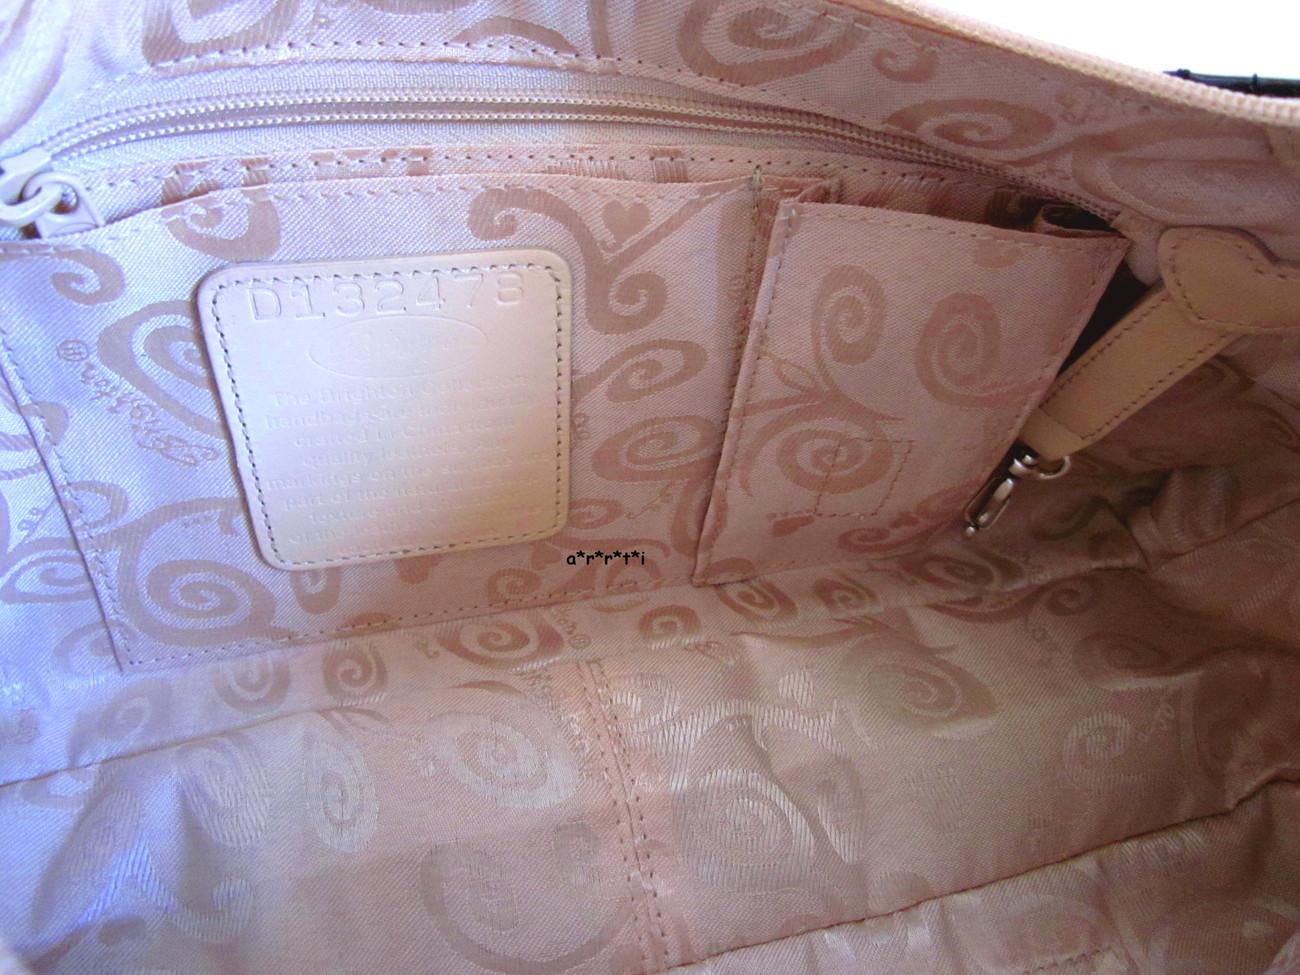 Brighton Paulette Cream Pebbled Leather w Black Patent Trim NWOT - HTF